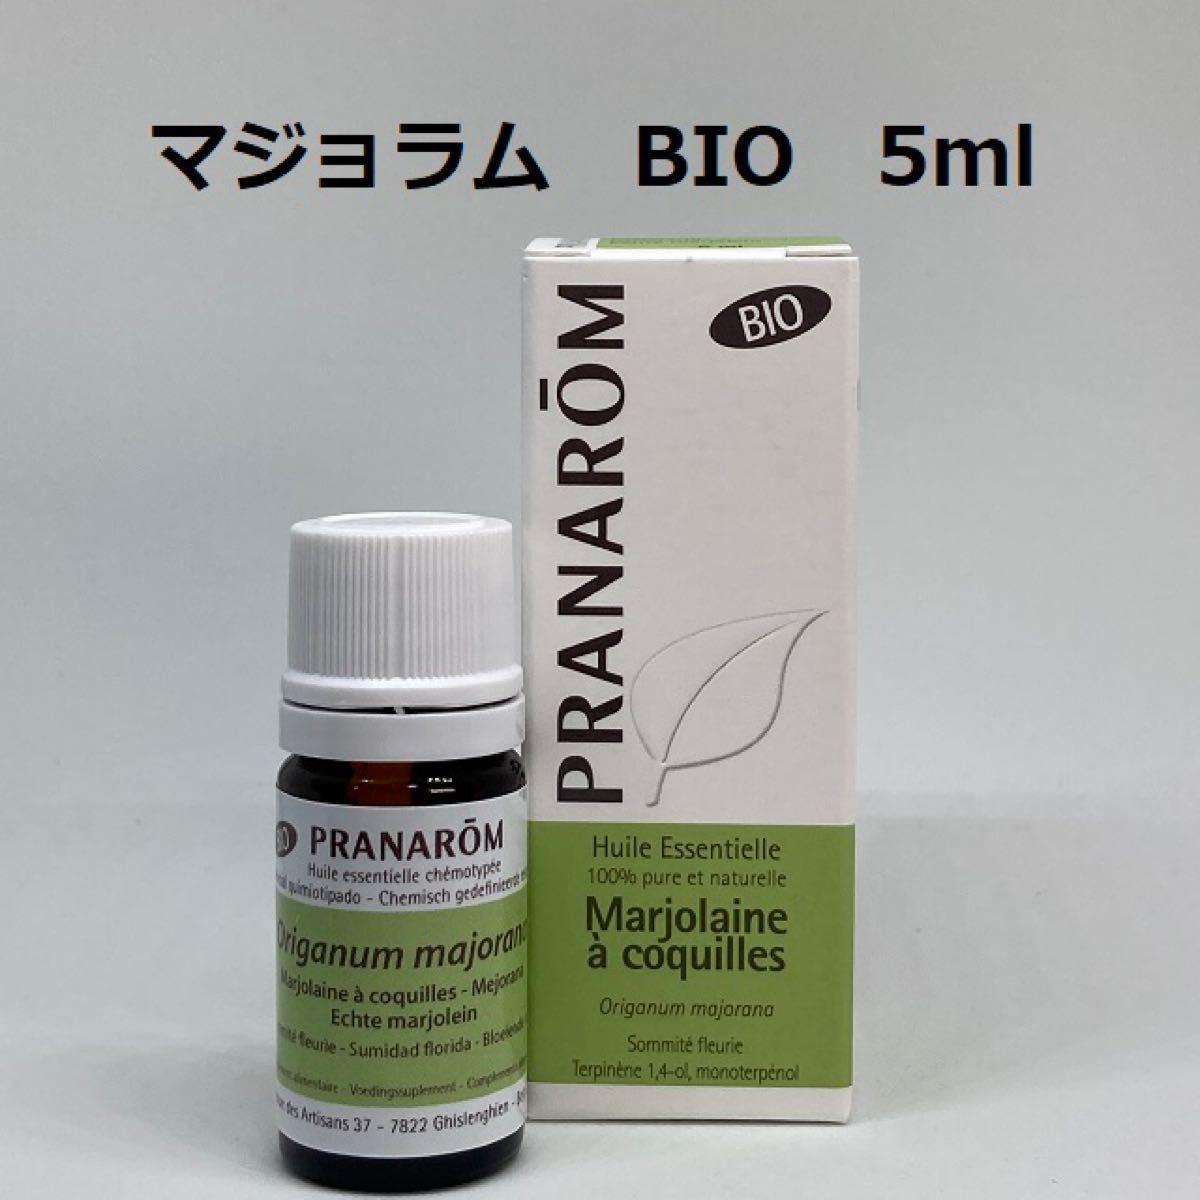 プラナロム マジョラム BIO 5ml 精油 PRANAROM